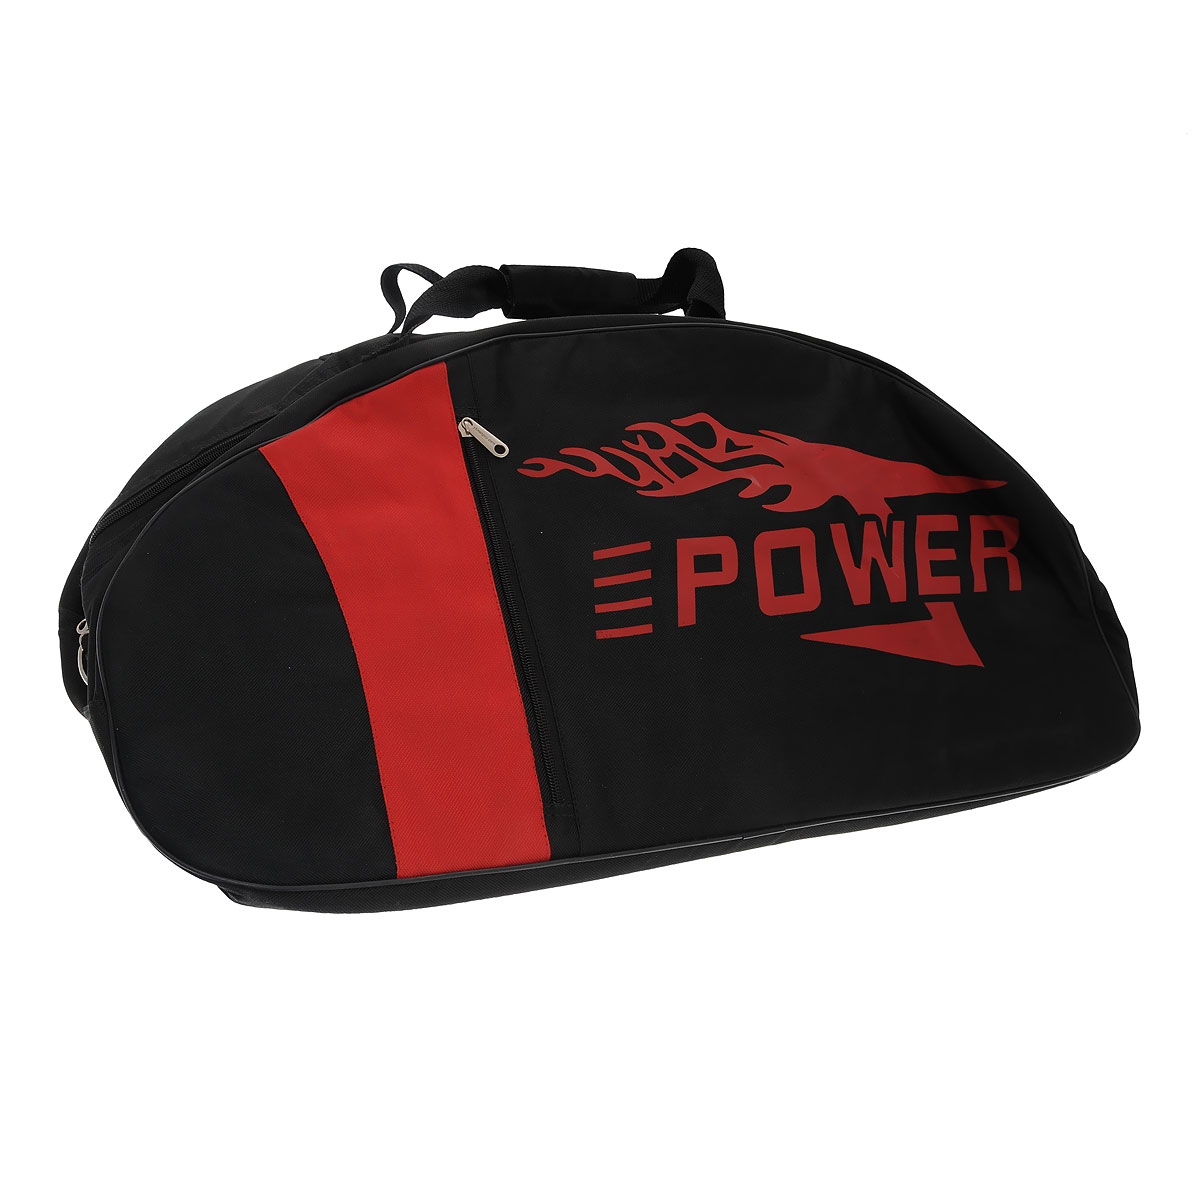 Сумка-чехол для детских джамперов Power, цвет: черный, красныйCarry bag JrСумка-чехол для детских джамперов Power - это вместительная сумка, в которой удобно переносить джамперы, комплект защиты и спортивную одежду для тренировок.Сумка выполнена из прочного материала черного и оранжевого цветов, содержит одно отделение и закрывается на застежку-молнию с двумя бегунками. Стенки сумки уплотнены, что поможет избежать повреждения оборудования при возможных ударах. С двух сторон на сумке расположены вертикальные прорезные карманы на застежках-молниях. Сумка оснащена двумя ручками для переноски и съемным плечевым ремнем, регулирующимся по длине. Характеристики:Материал: текстиль, пластик, металл. Размер: 64 см х 32 см х 22 см.